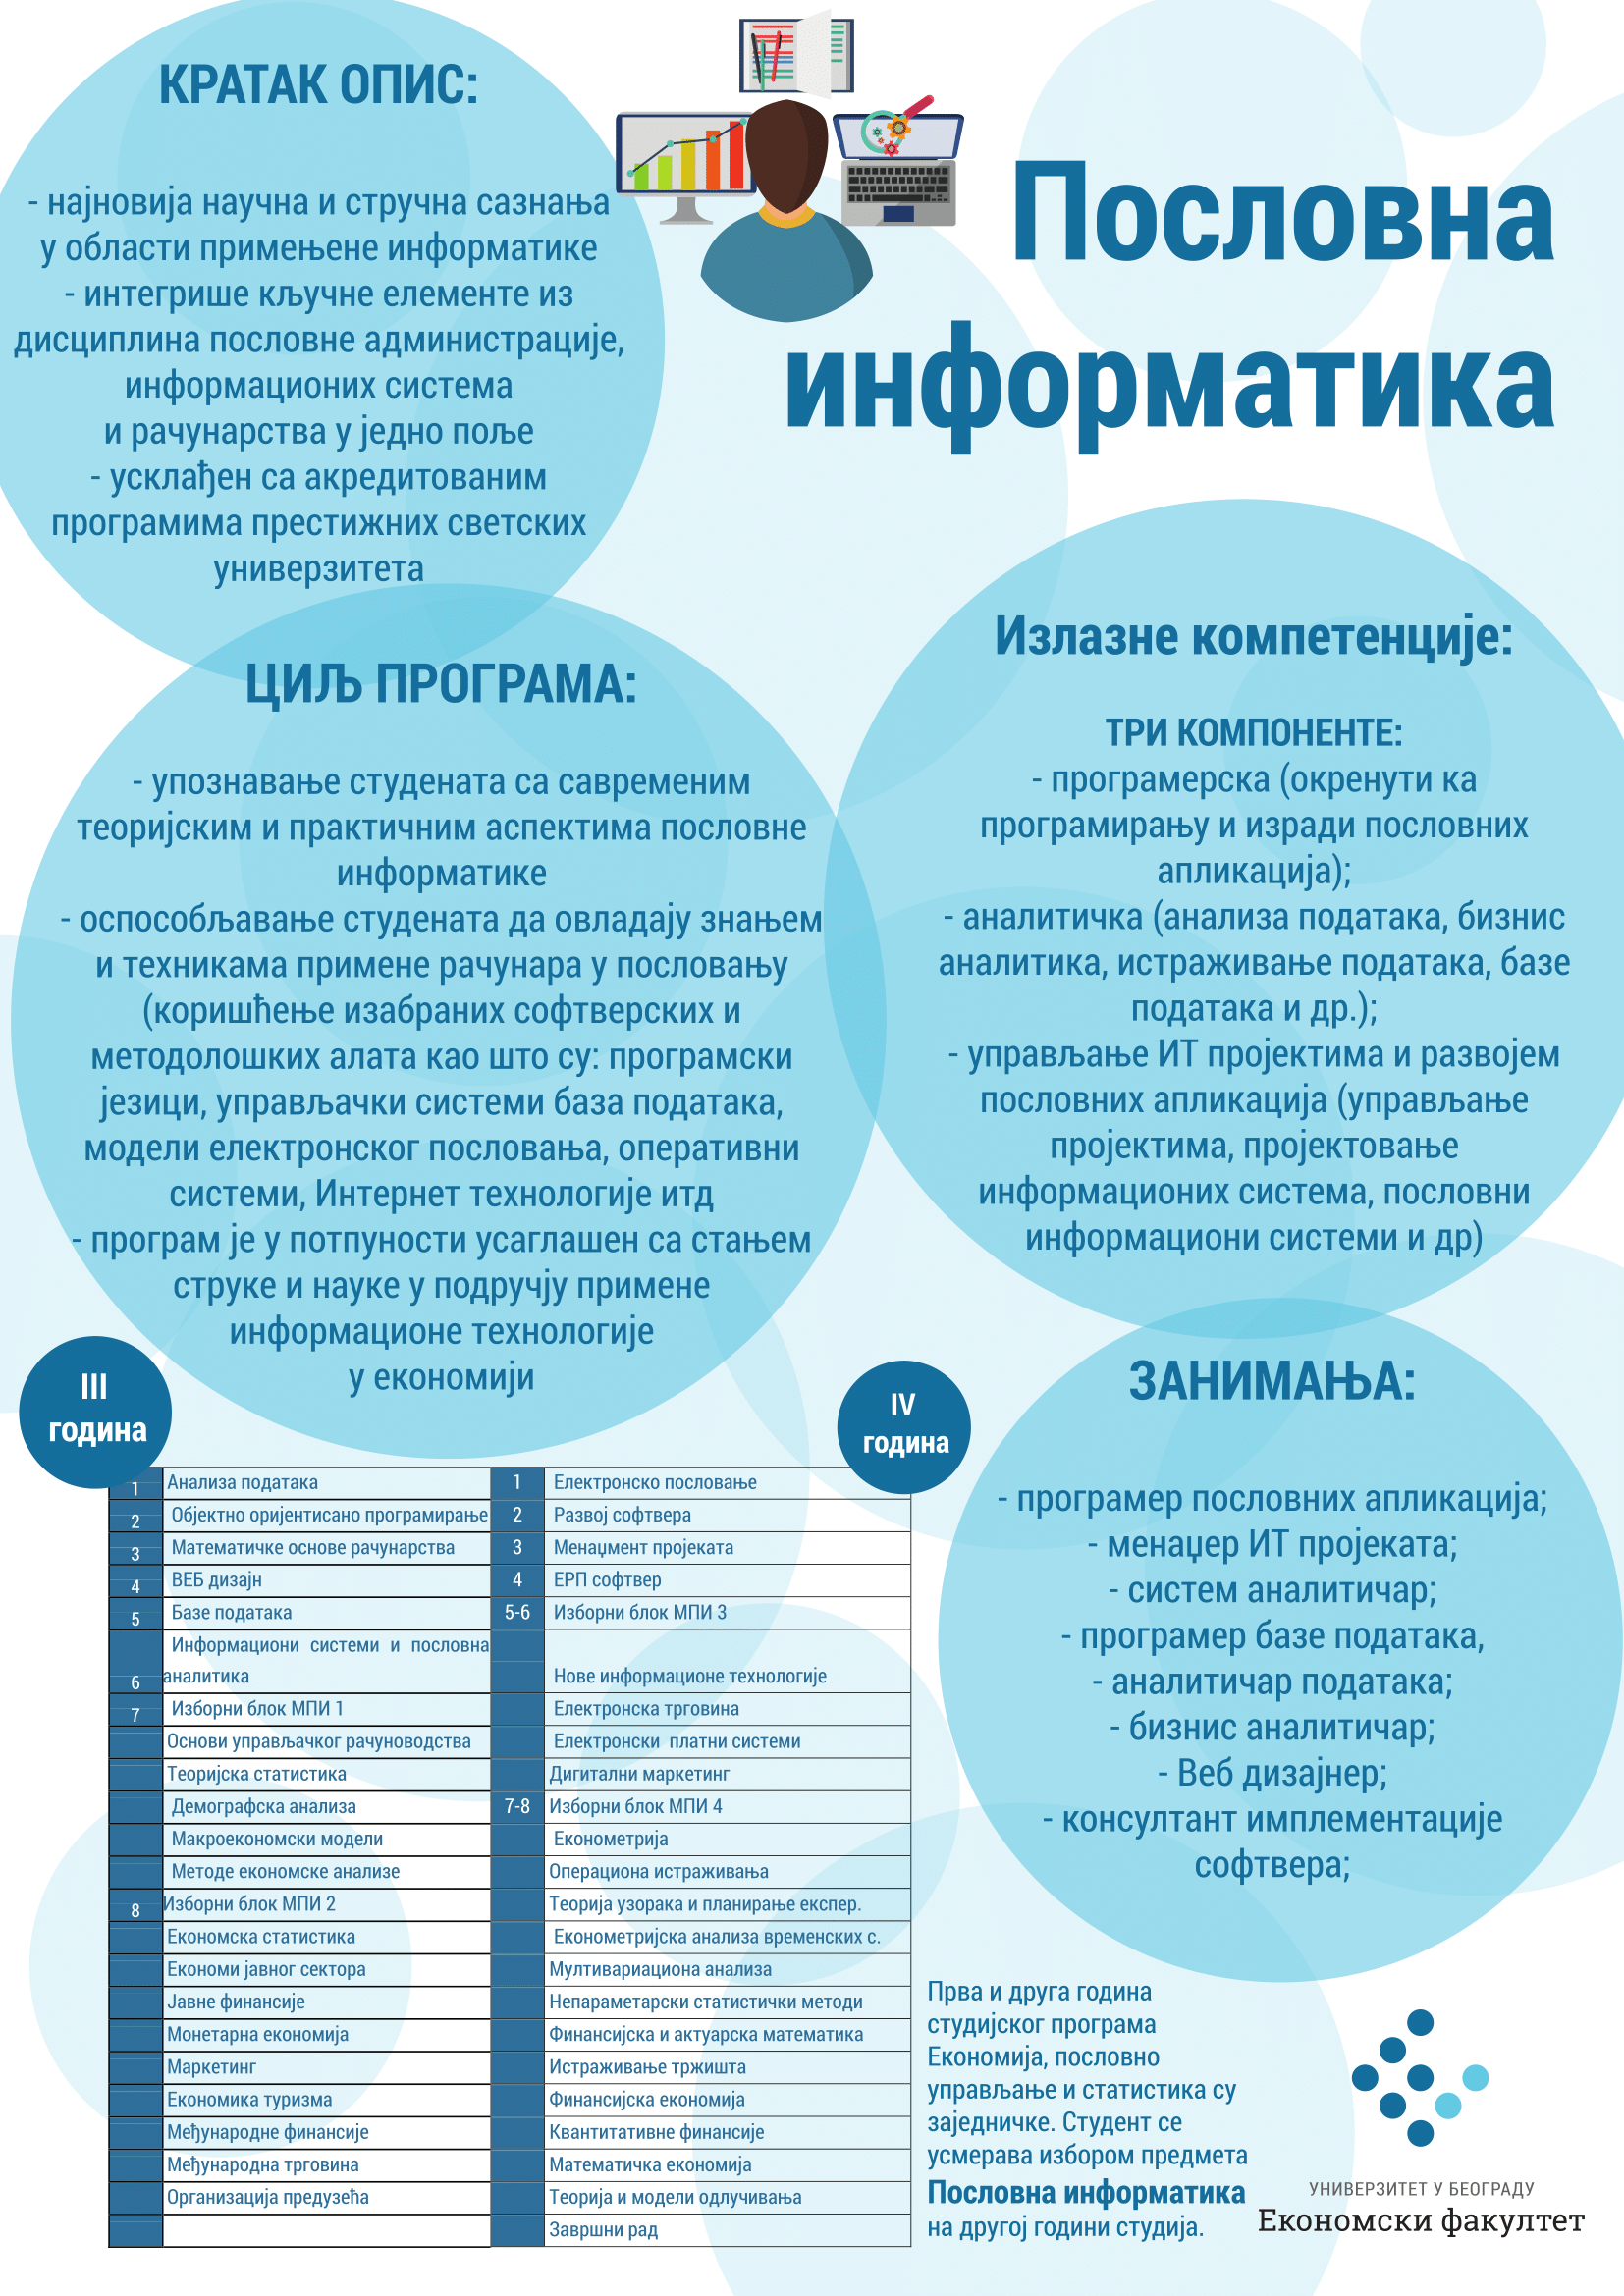 Poslovna informatika-1